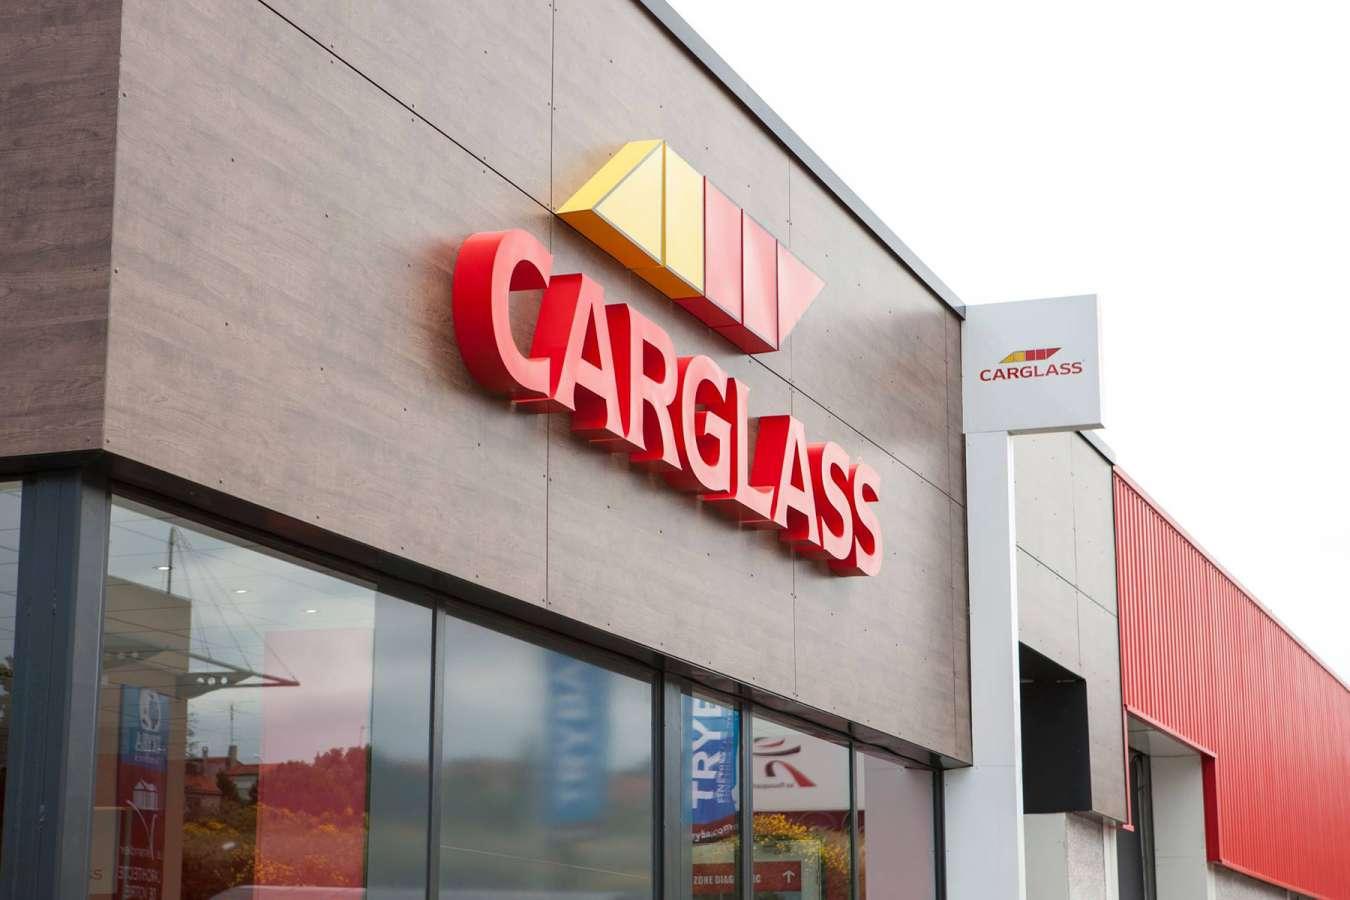 FR_Comment Carglass optimise sa reputation sur les reseaux sociaux_Subbed